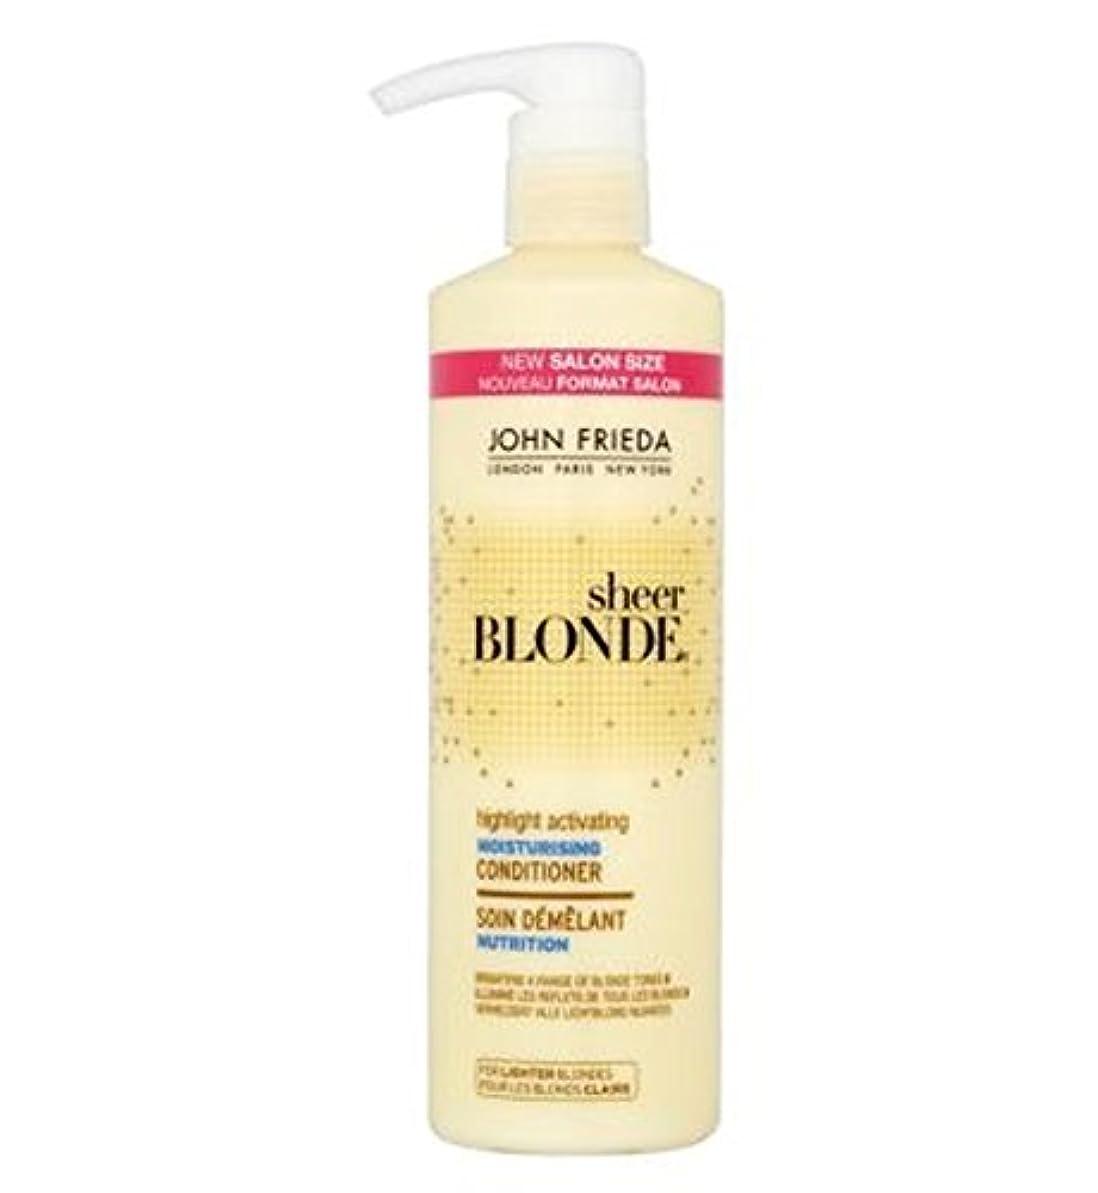 ジョン?フリーダ薄手のブロンドのハイライト活性化保湿コンディショナー500ミリリットル (John Frieda) (x2) - John Frieda Sheer Blonde Highlight Activating...